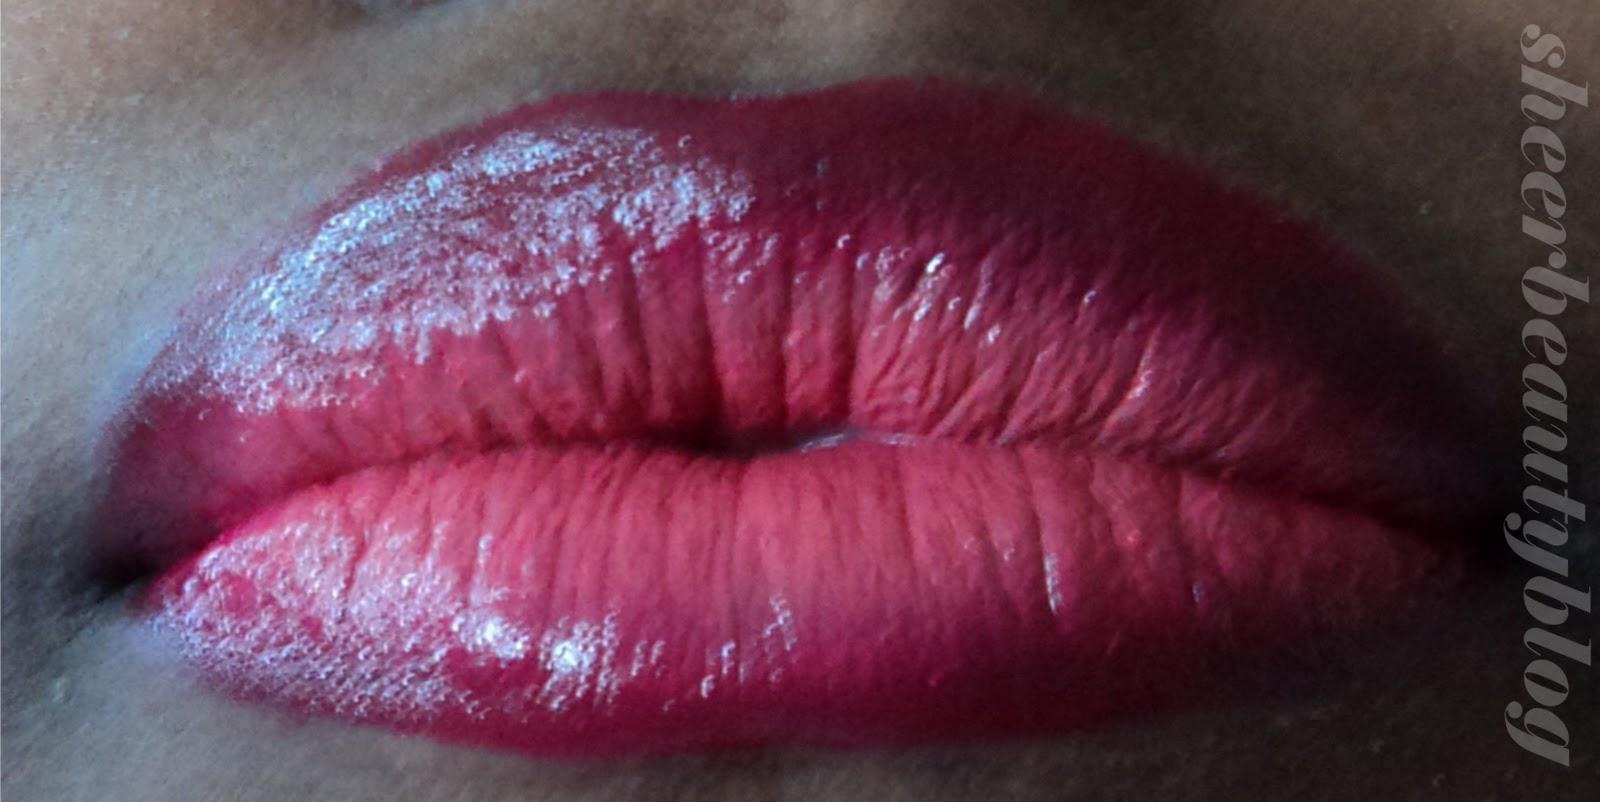 http://1.bp.blogspot.com/-sjKJi4ykjvY/TnZm9-kOn4I/AAAAAAAAAUI/T4s-atPntns/s1600/two+tone+lips.JPG